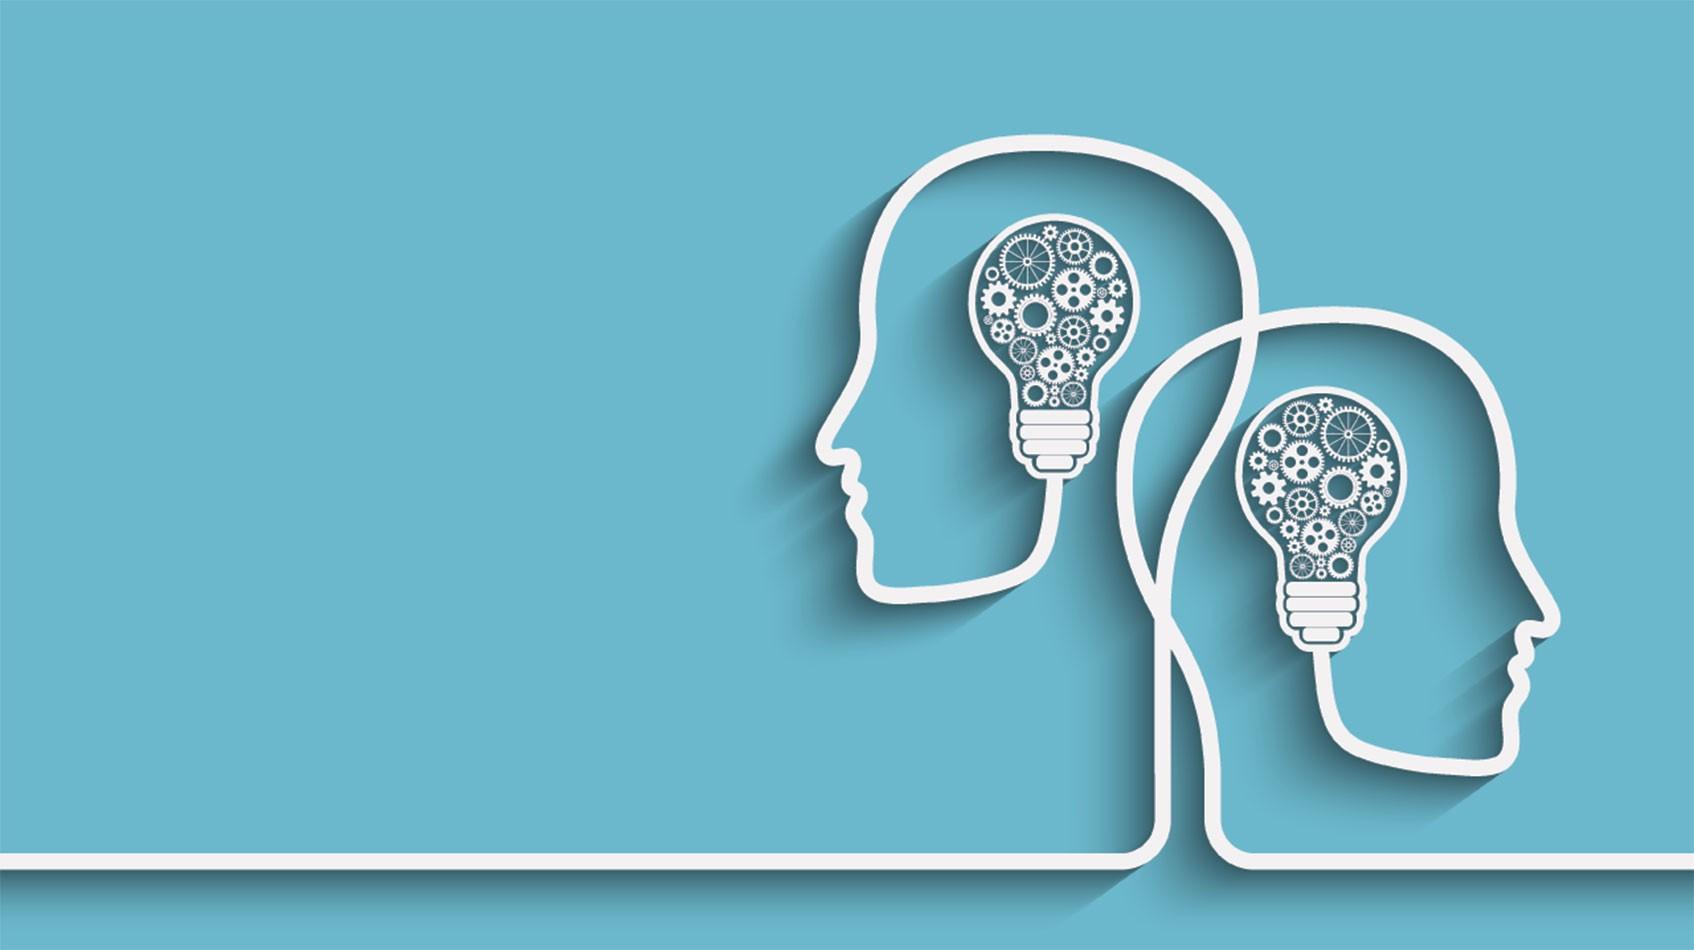 俞敏洪、汤敏云端对话:科技如何助力教育均衡发展?